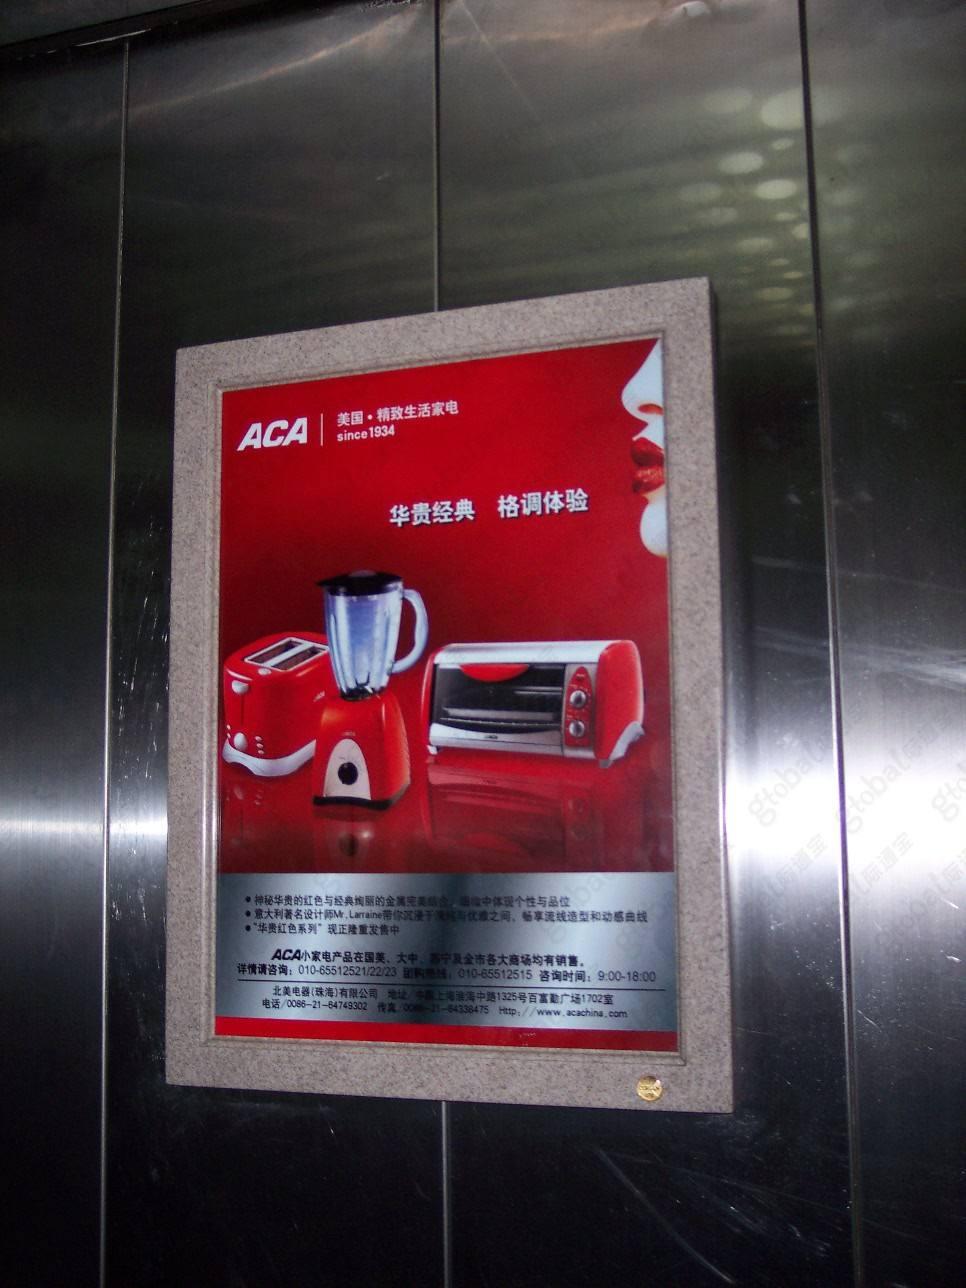 呼和浩特高端写字楼电梯广告-分众资源低至2折